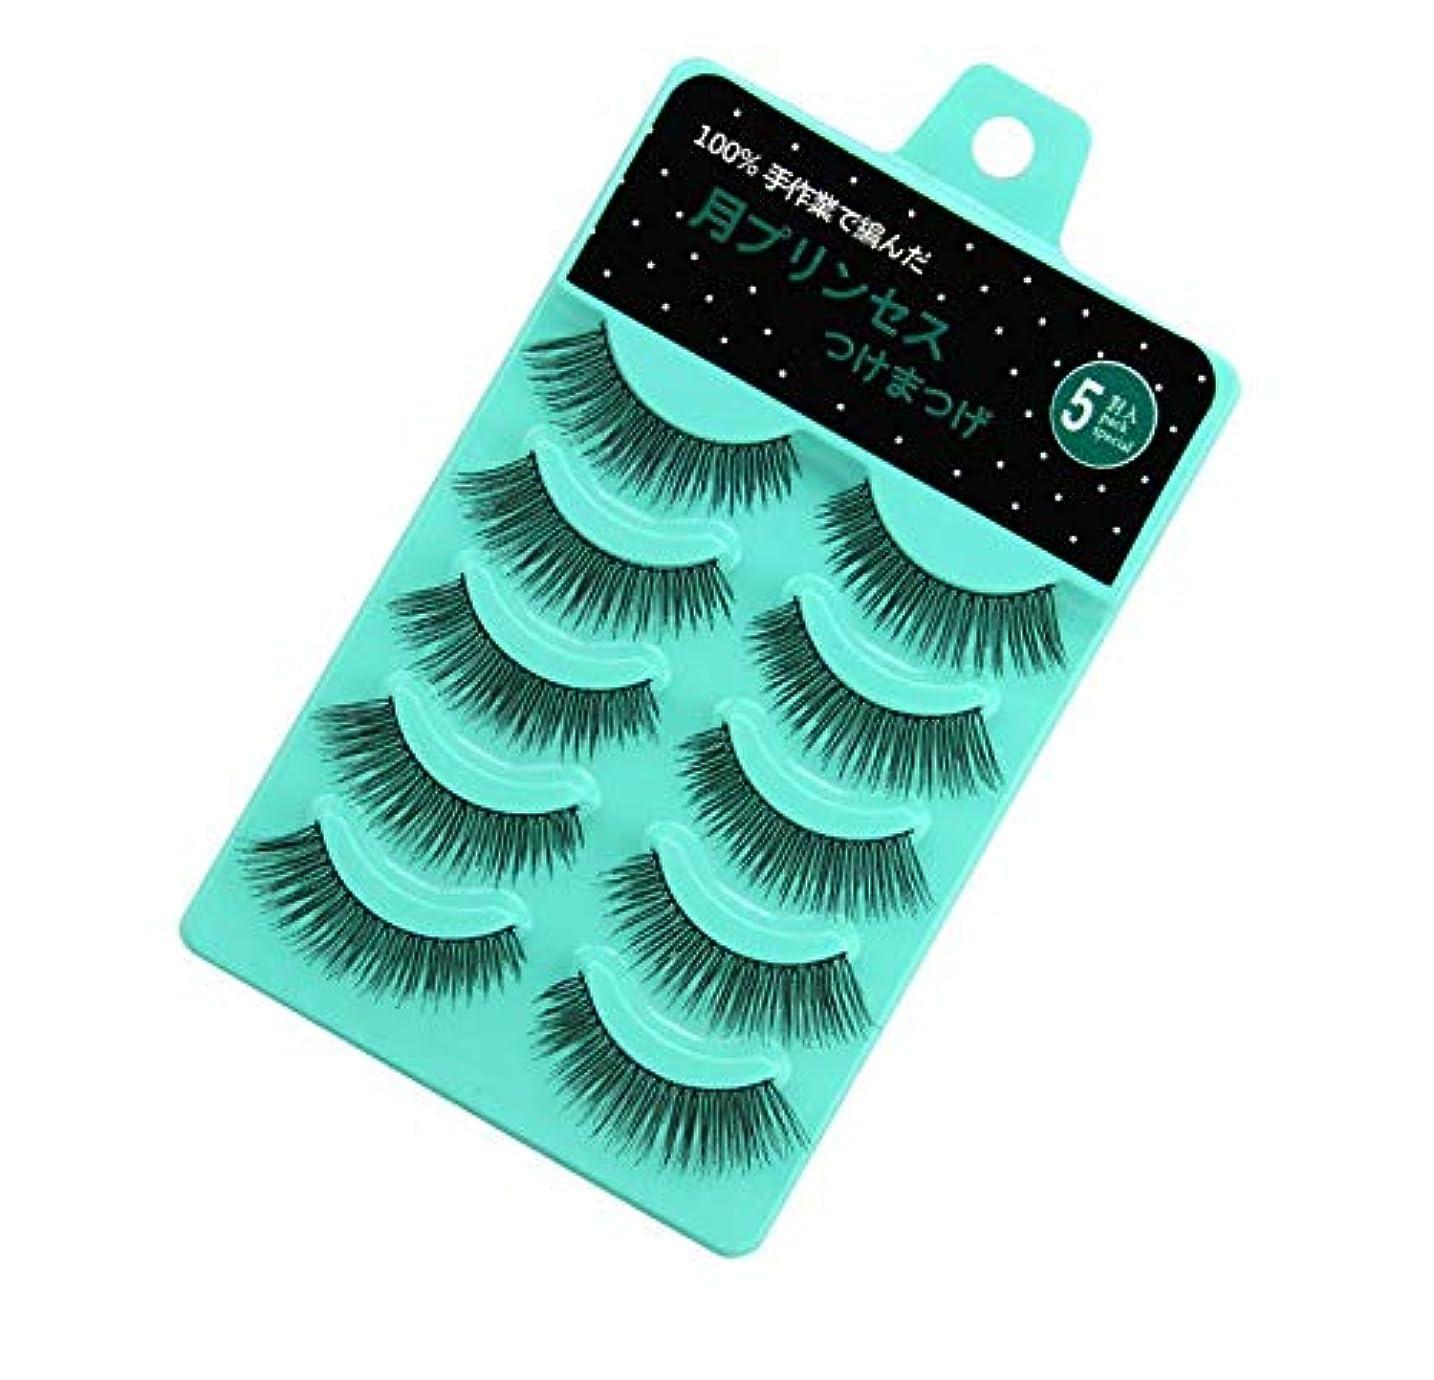 刺激する増幅するダイアクリティカルHNYYZL つけまつげ ミンクつけまつ毛 15ペア グラマラスボリュームアイラッシュ ふんわりロングまつ毛 極薄 濃密 超軽量 高級繊維